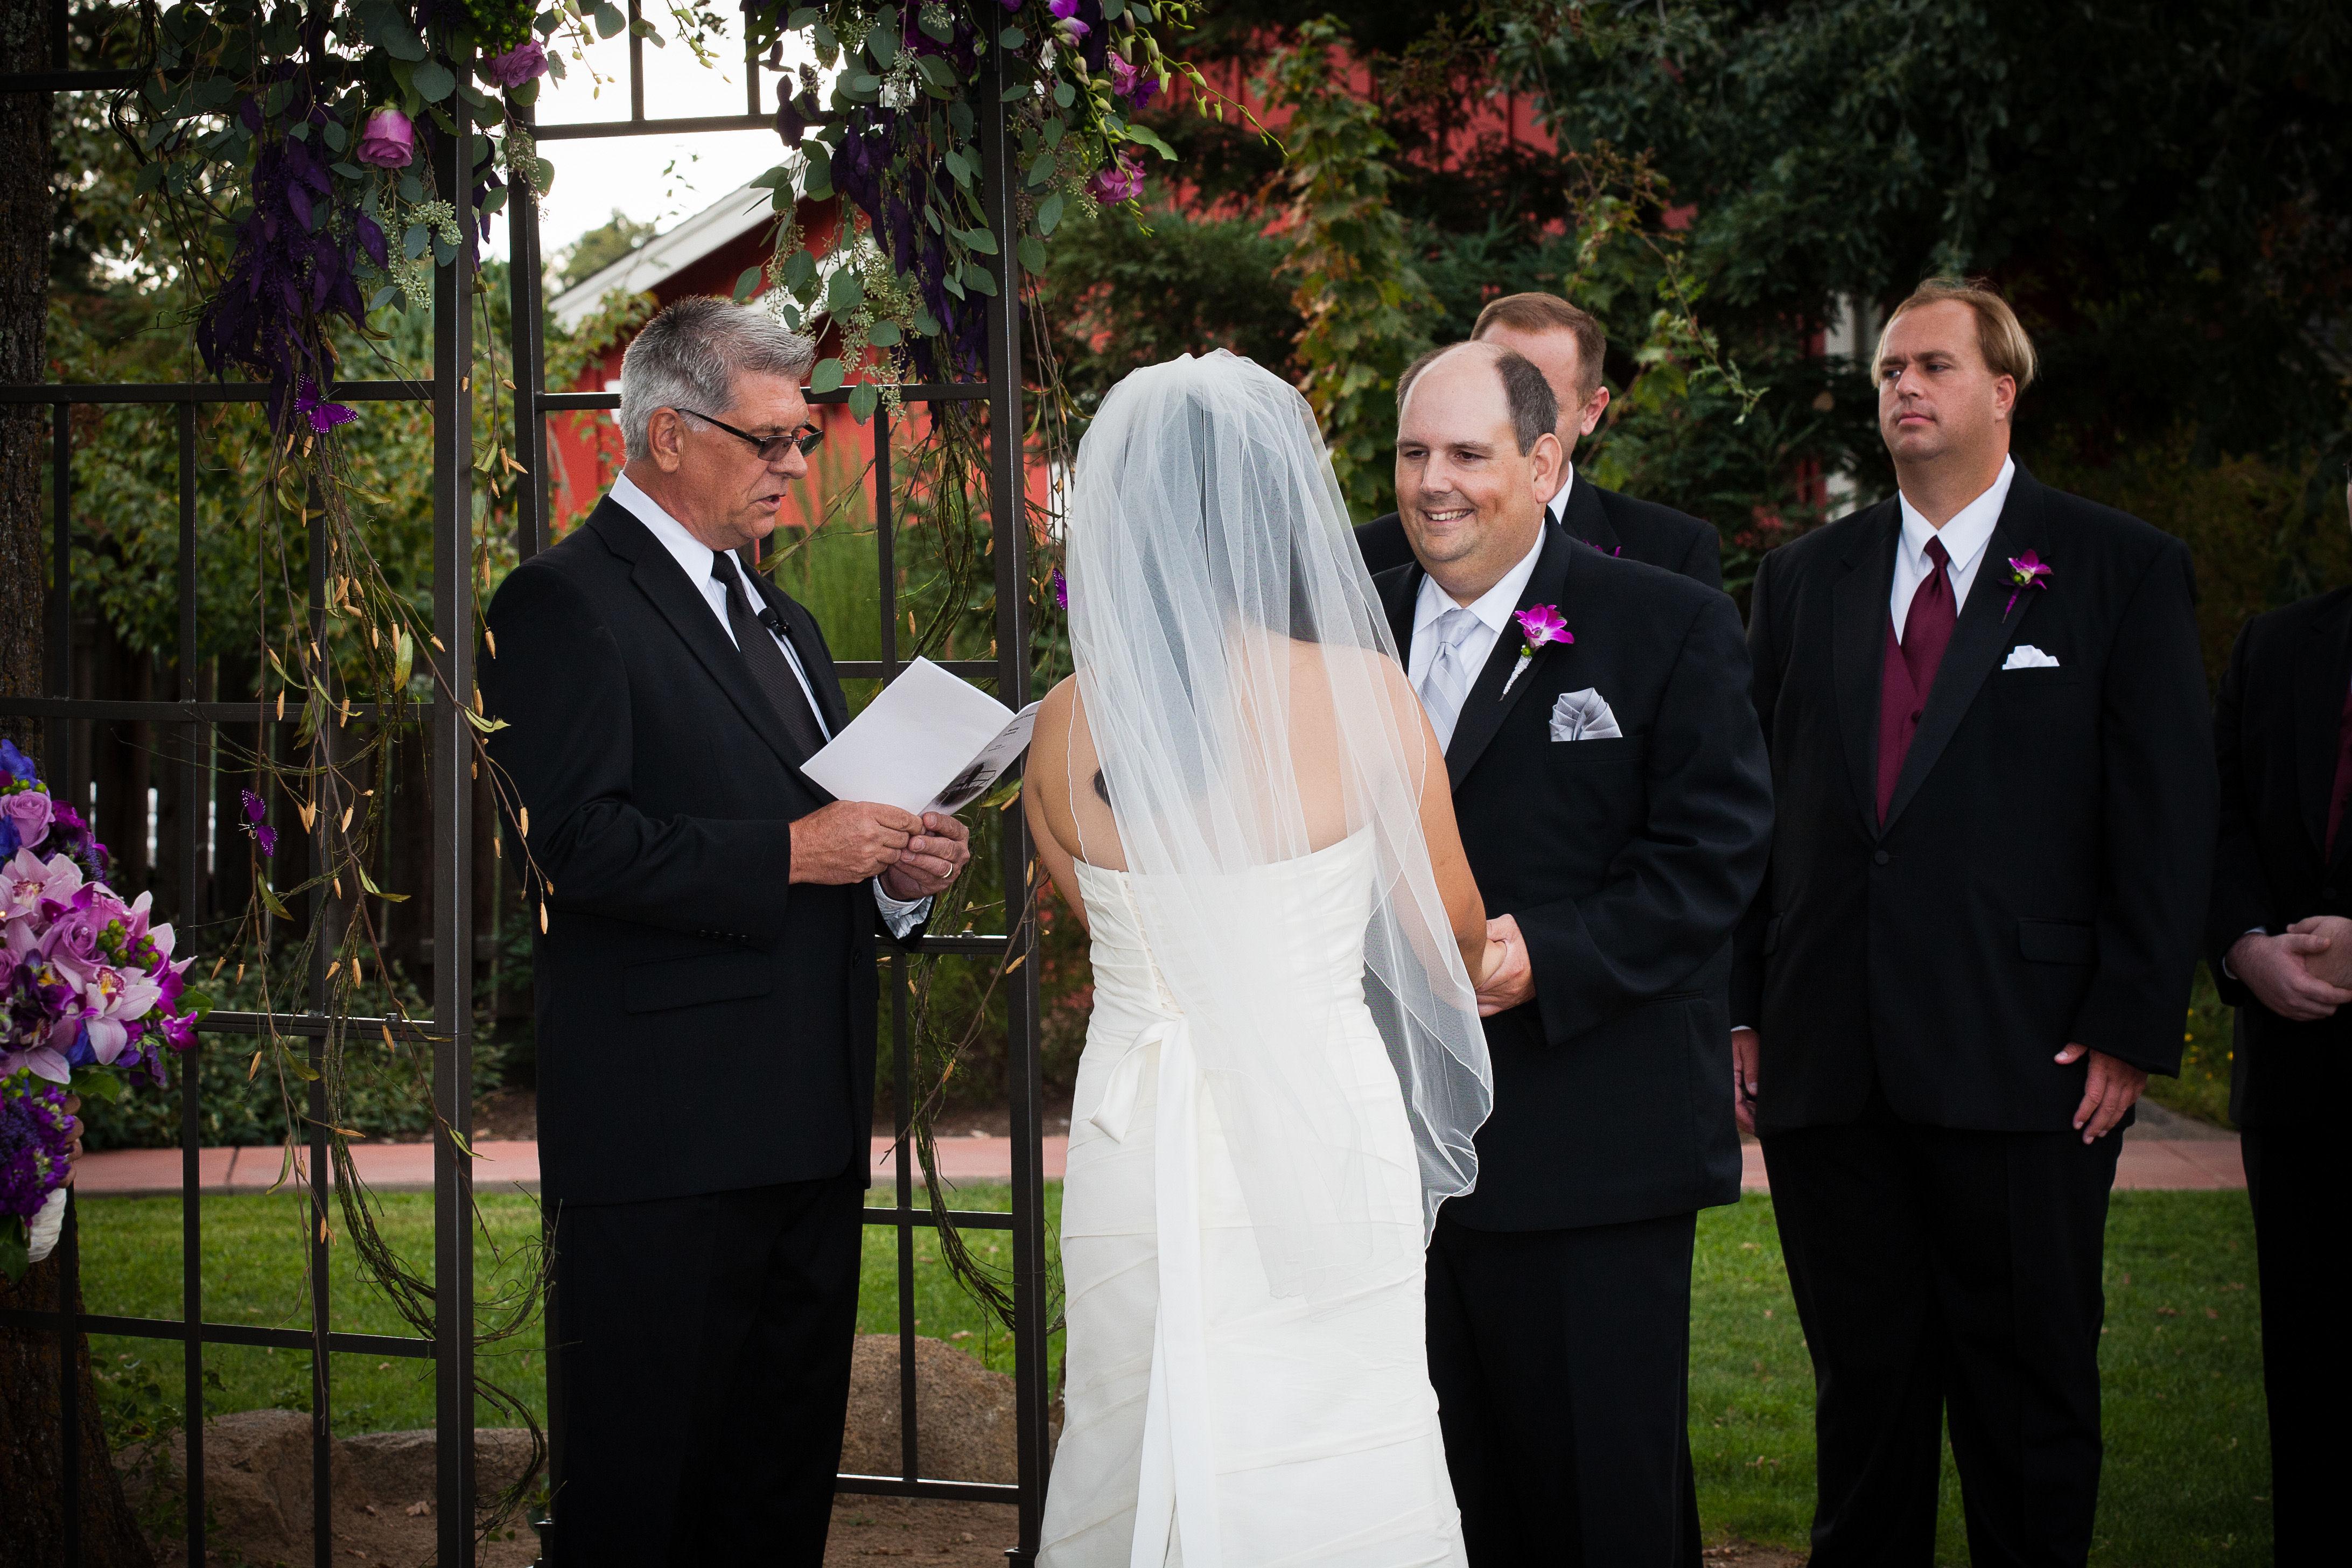 Wedding Pastor References For Wedding Officiant Pastor Ken Birks